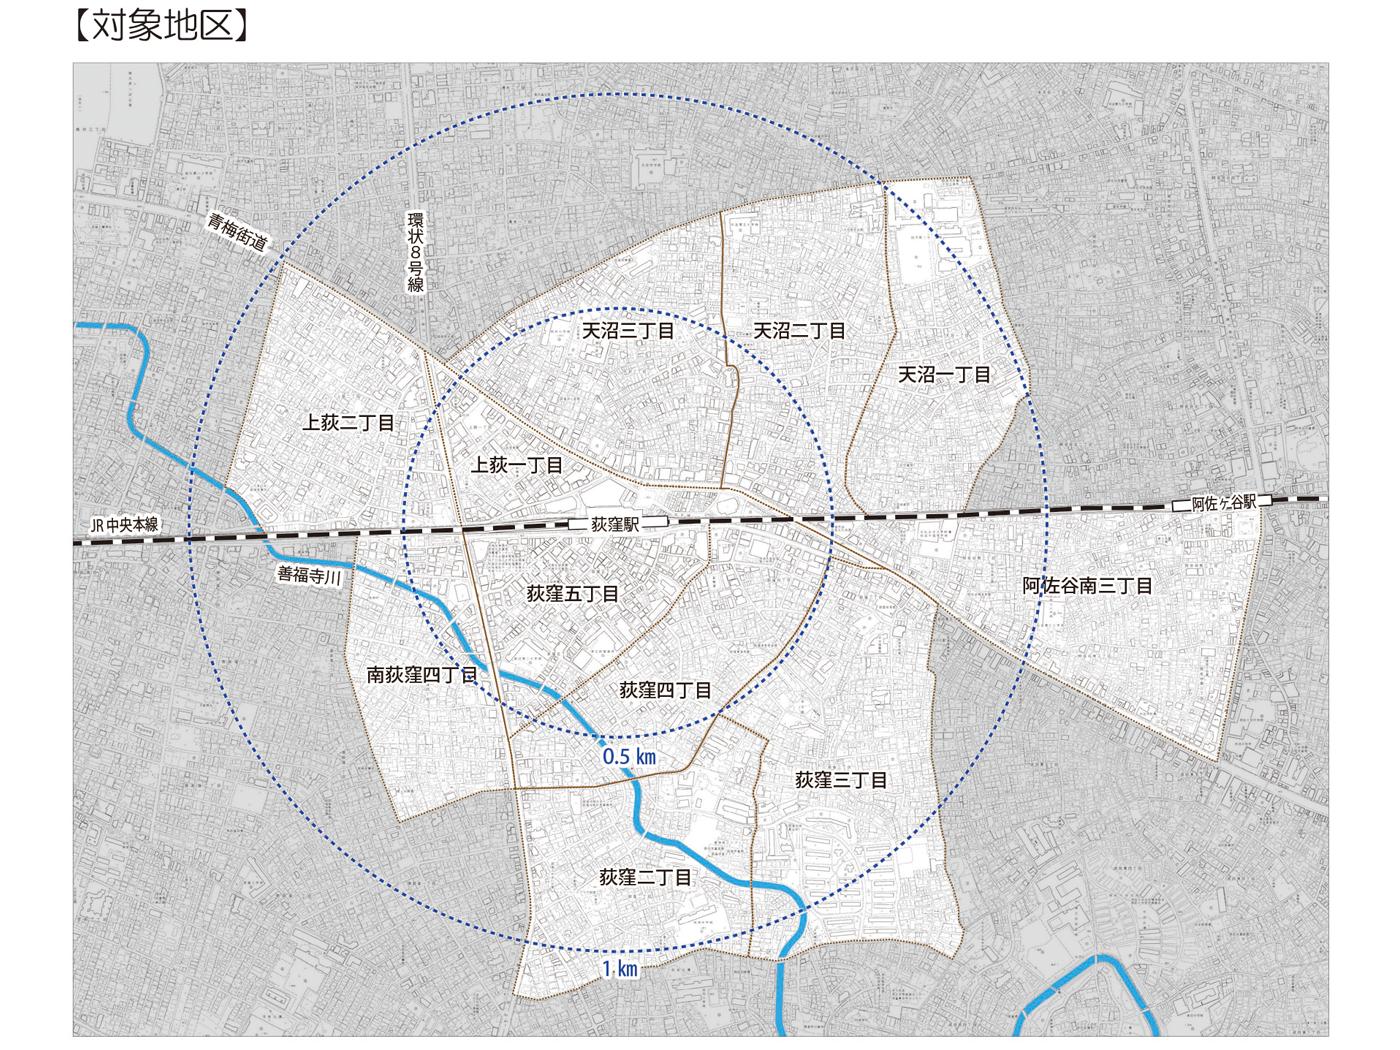 荻窪駅周辺まちづくり調査